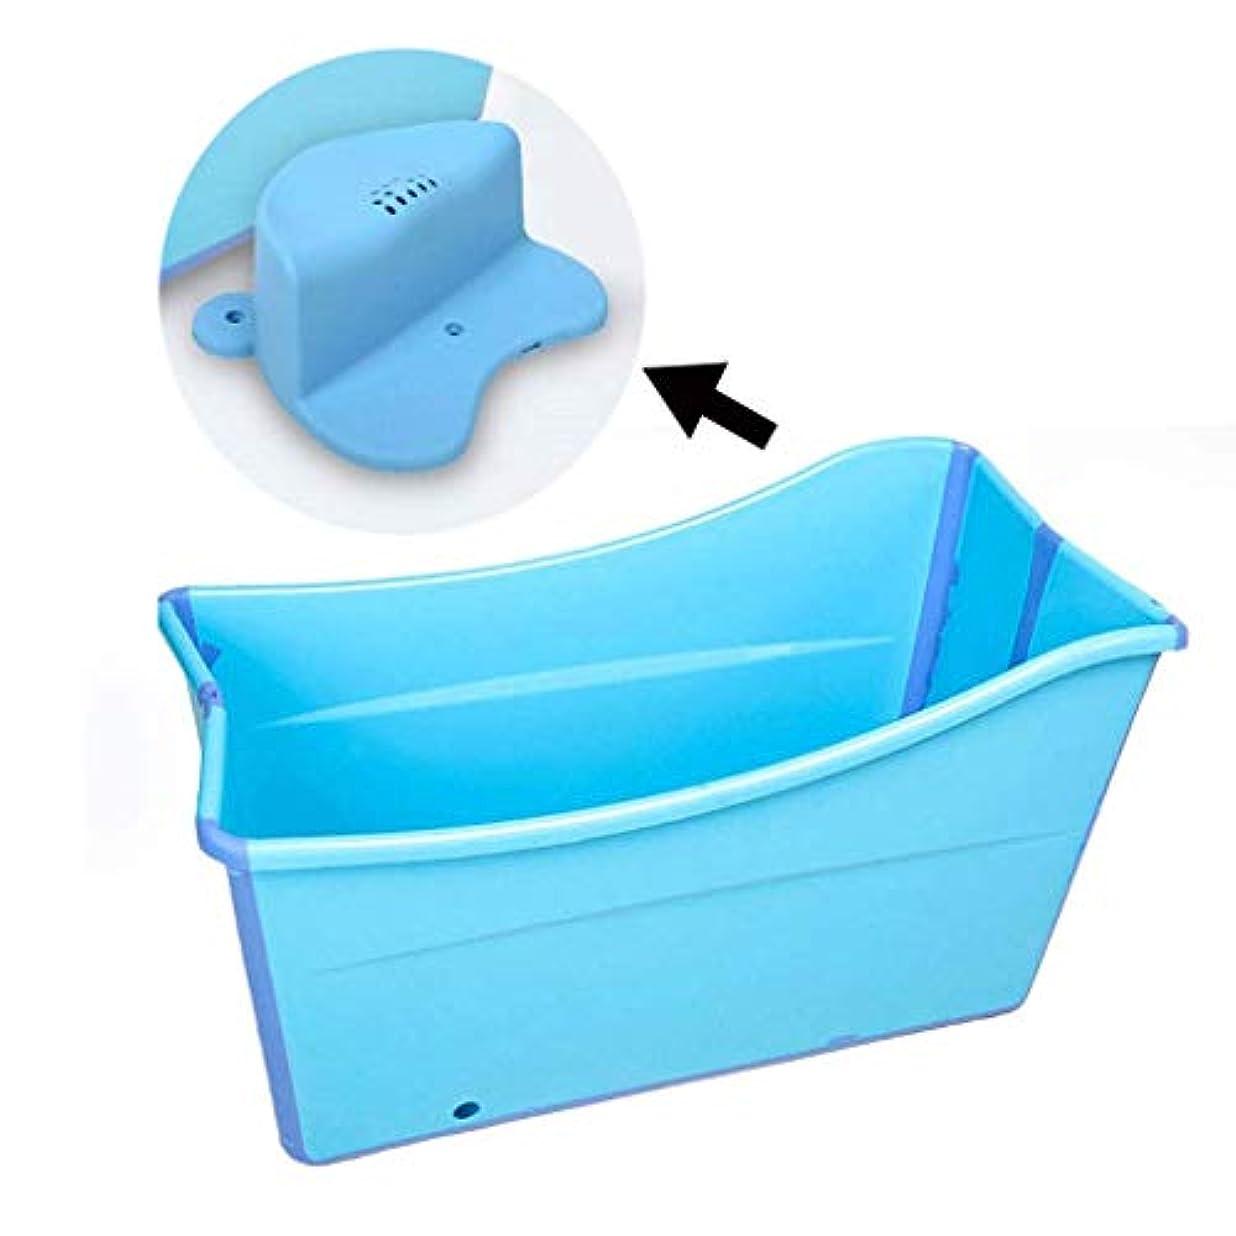 肘ミッション熟考するジャンボ折り畳み浴槽に入浴椅子があり、夏のプールの独立式浴槽桶は成人/老人、子供、SPA理学療法に適していて、浴槽がさらに高くなって、長い保温時間に蓋が付いています (Color : Blue)